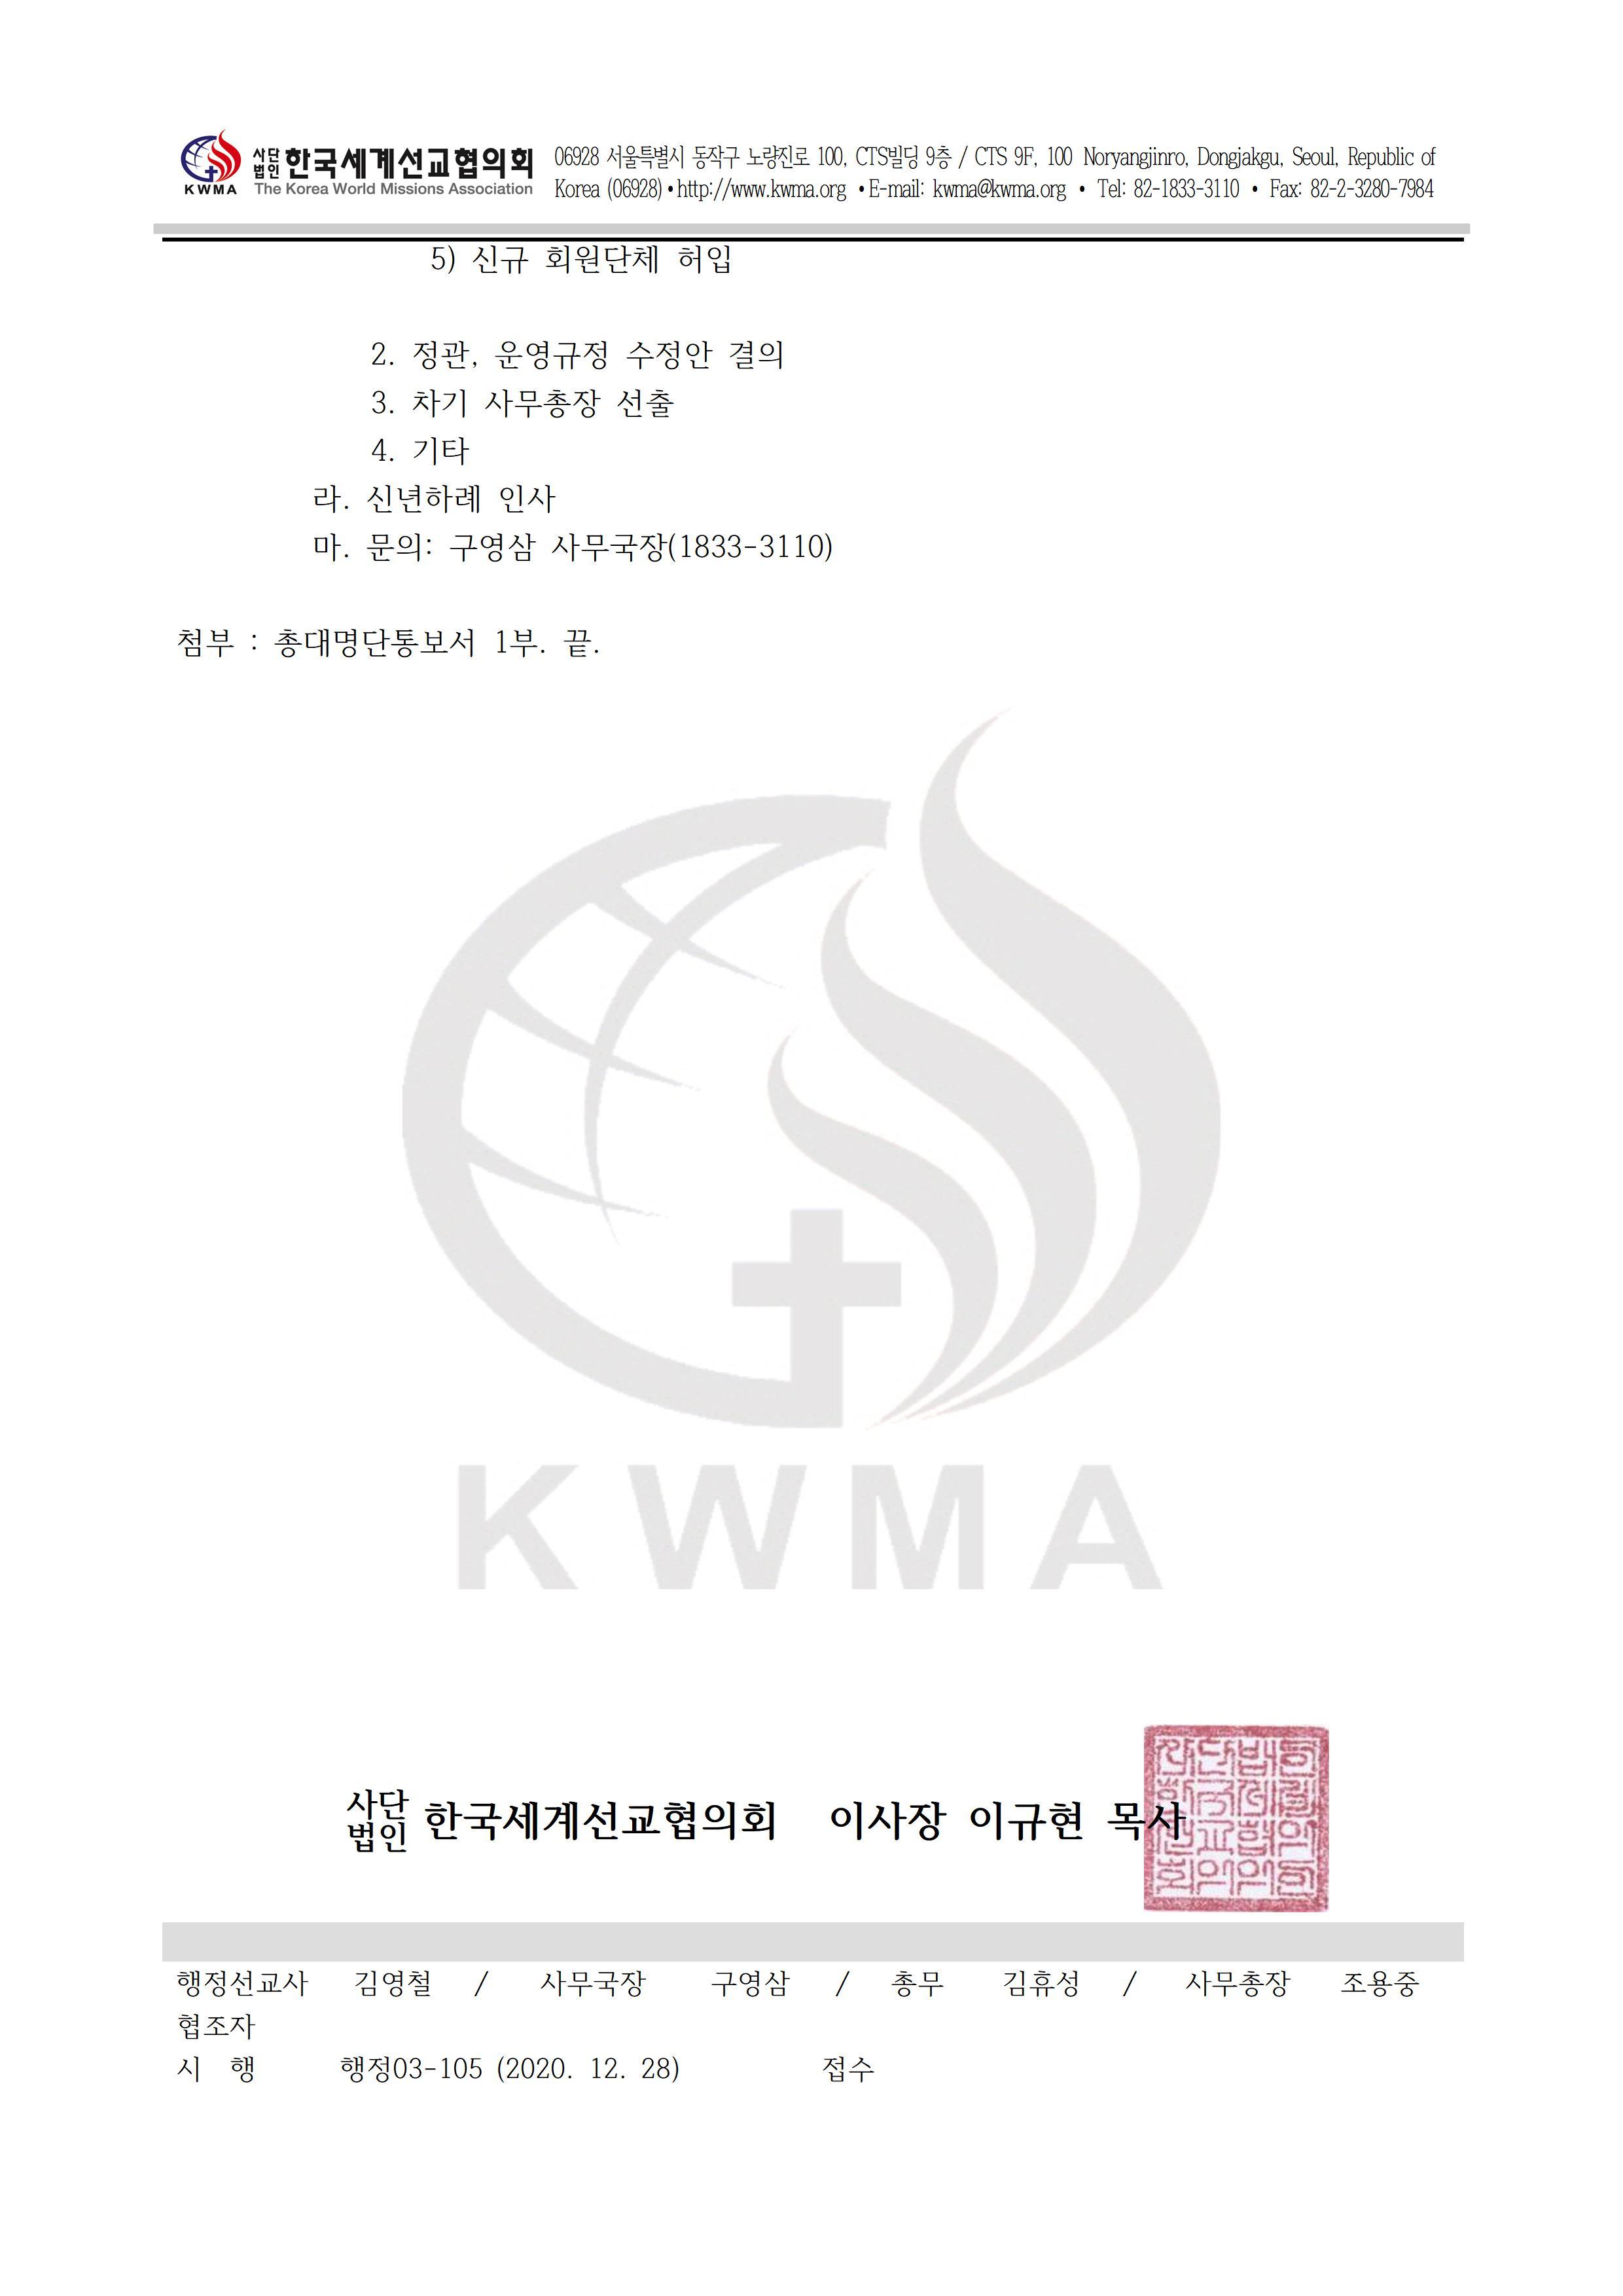 행정03-105_제31차 KWMA 정기총회 소집 안내002.jpg